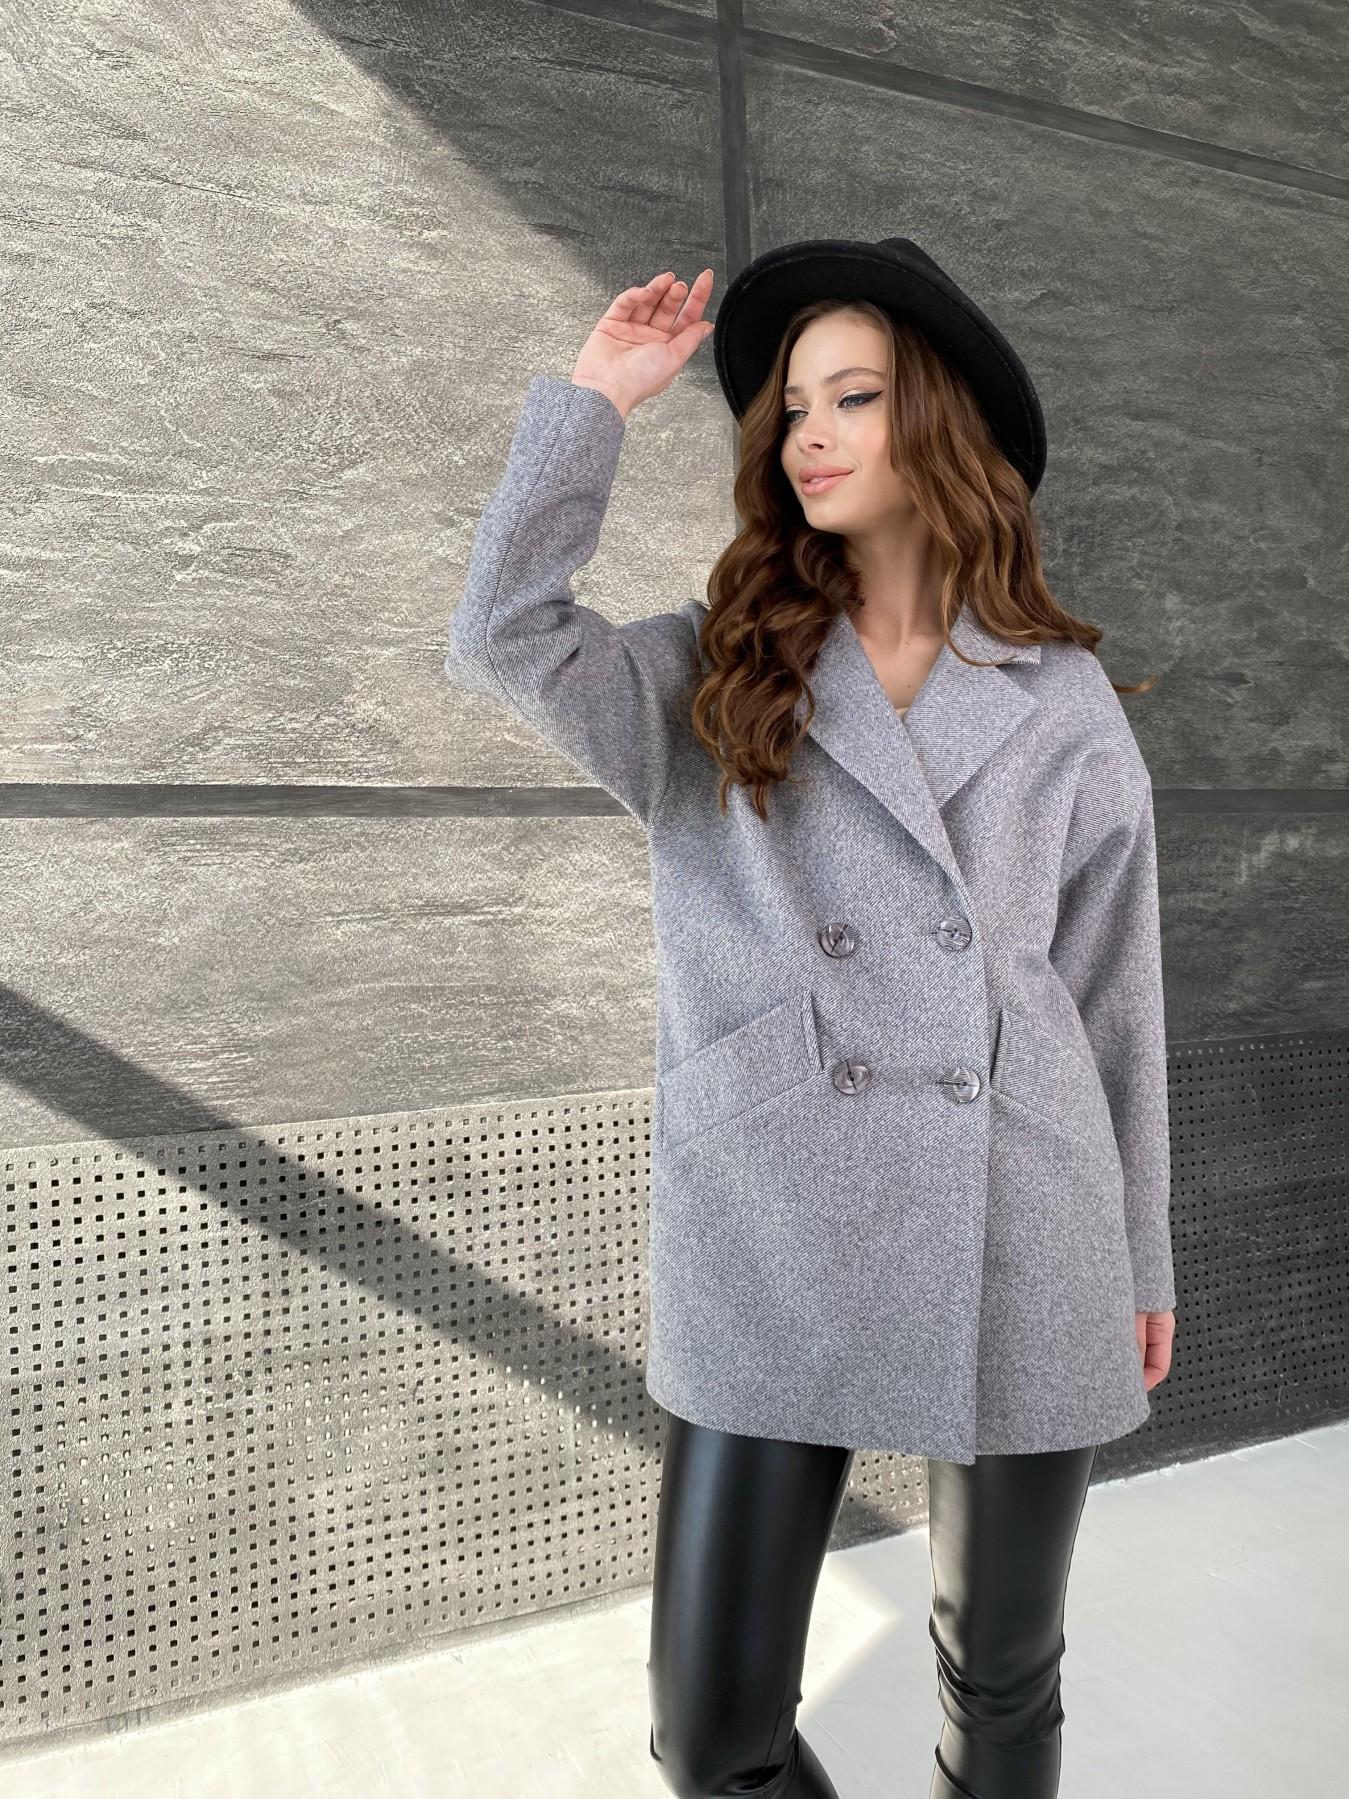 Бонд Диагональ пальто из пальтовой ткани  10757 АРТ. 47191 Цвет: Серый меланж 4 - фото 5, интернет магазин tm-modus.ru